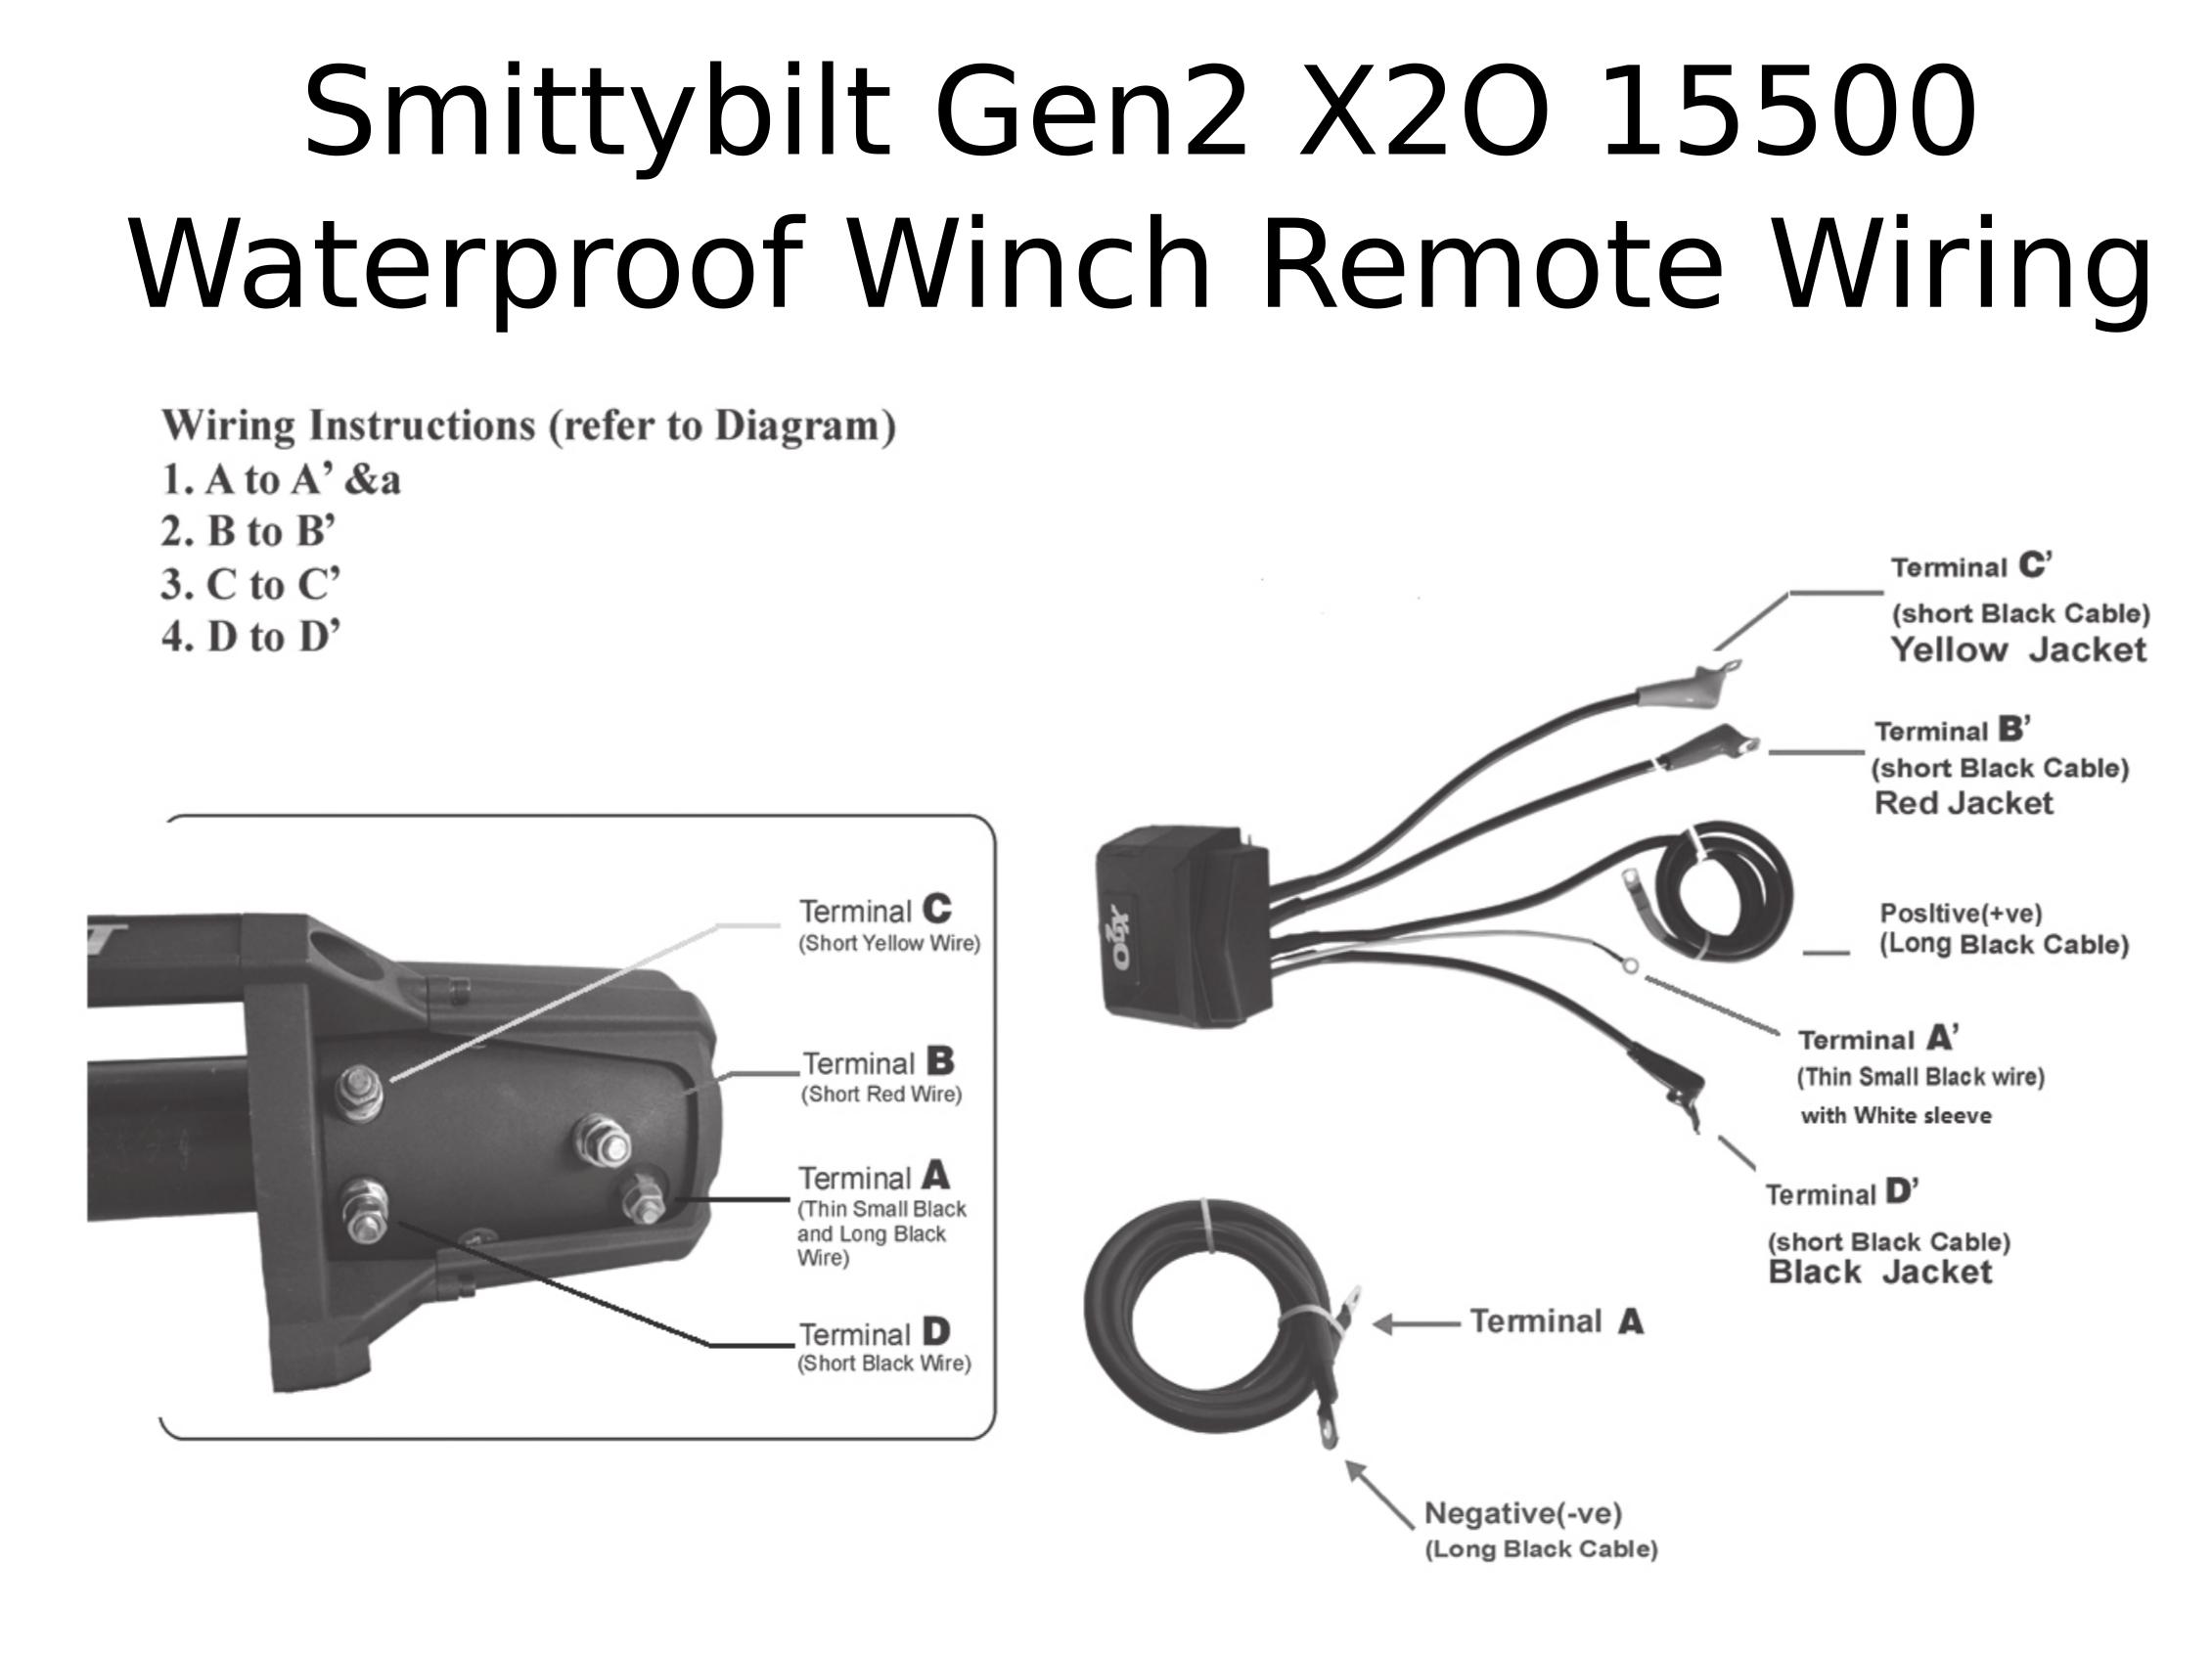 smittybilt x20 winch wiring diagram wiring schematic diagram Smittybilt Winch Wiring Diagram